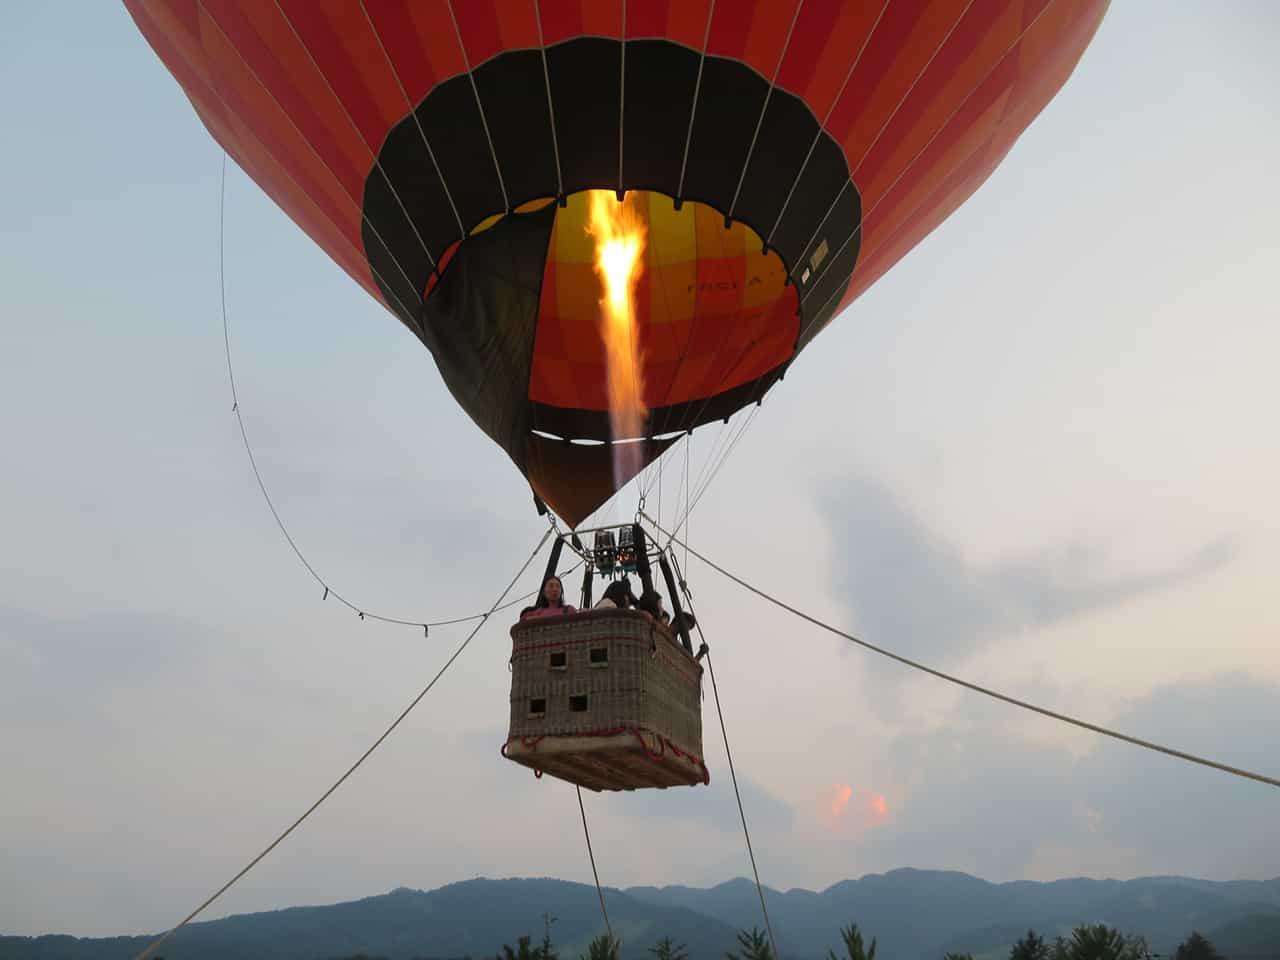 บอลลูนลอยฟ้าที่คันนาเบะ (Kannabe)